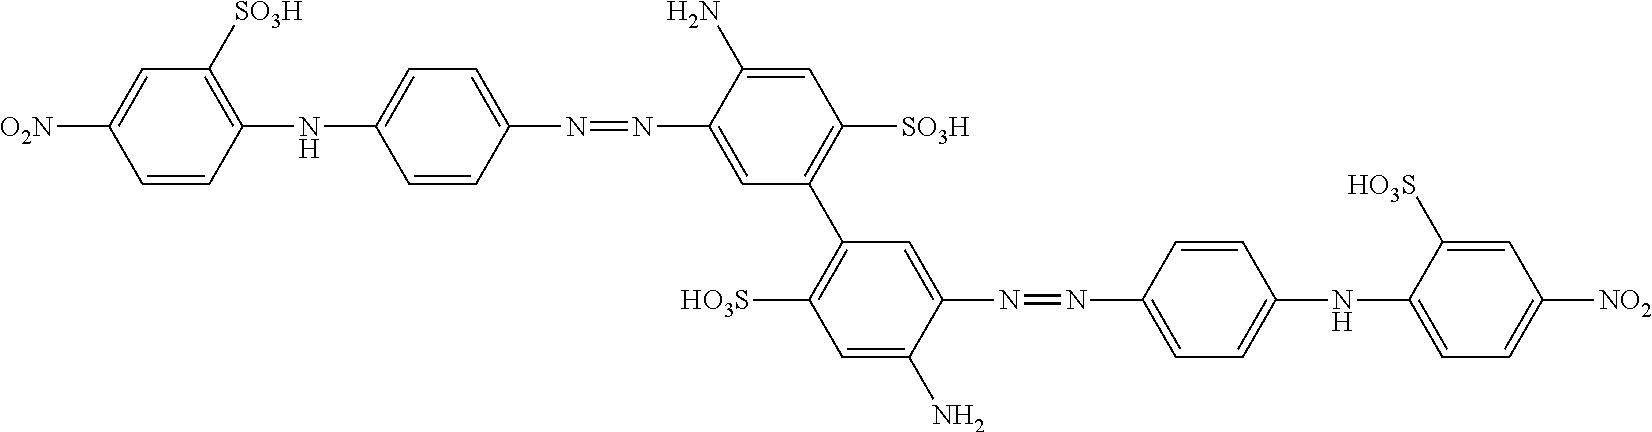 Figure US08734532-20140527-C00032